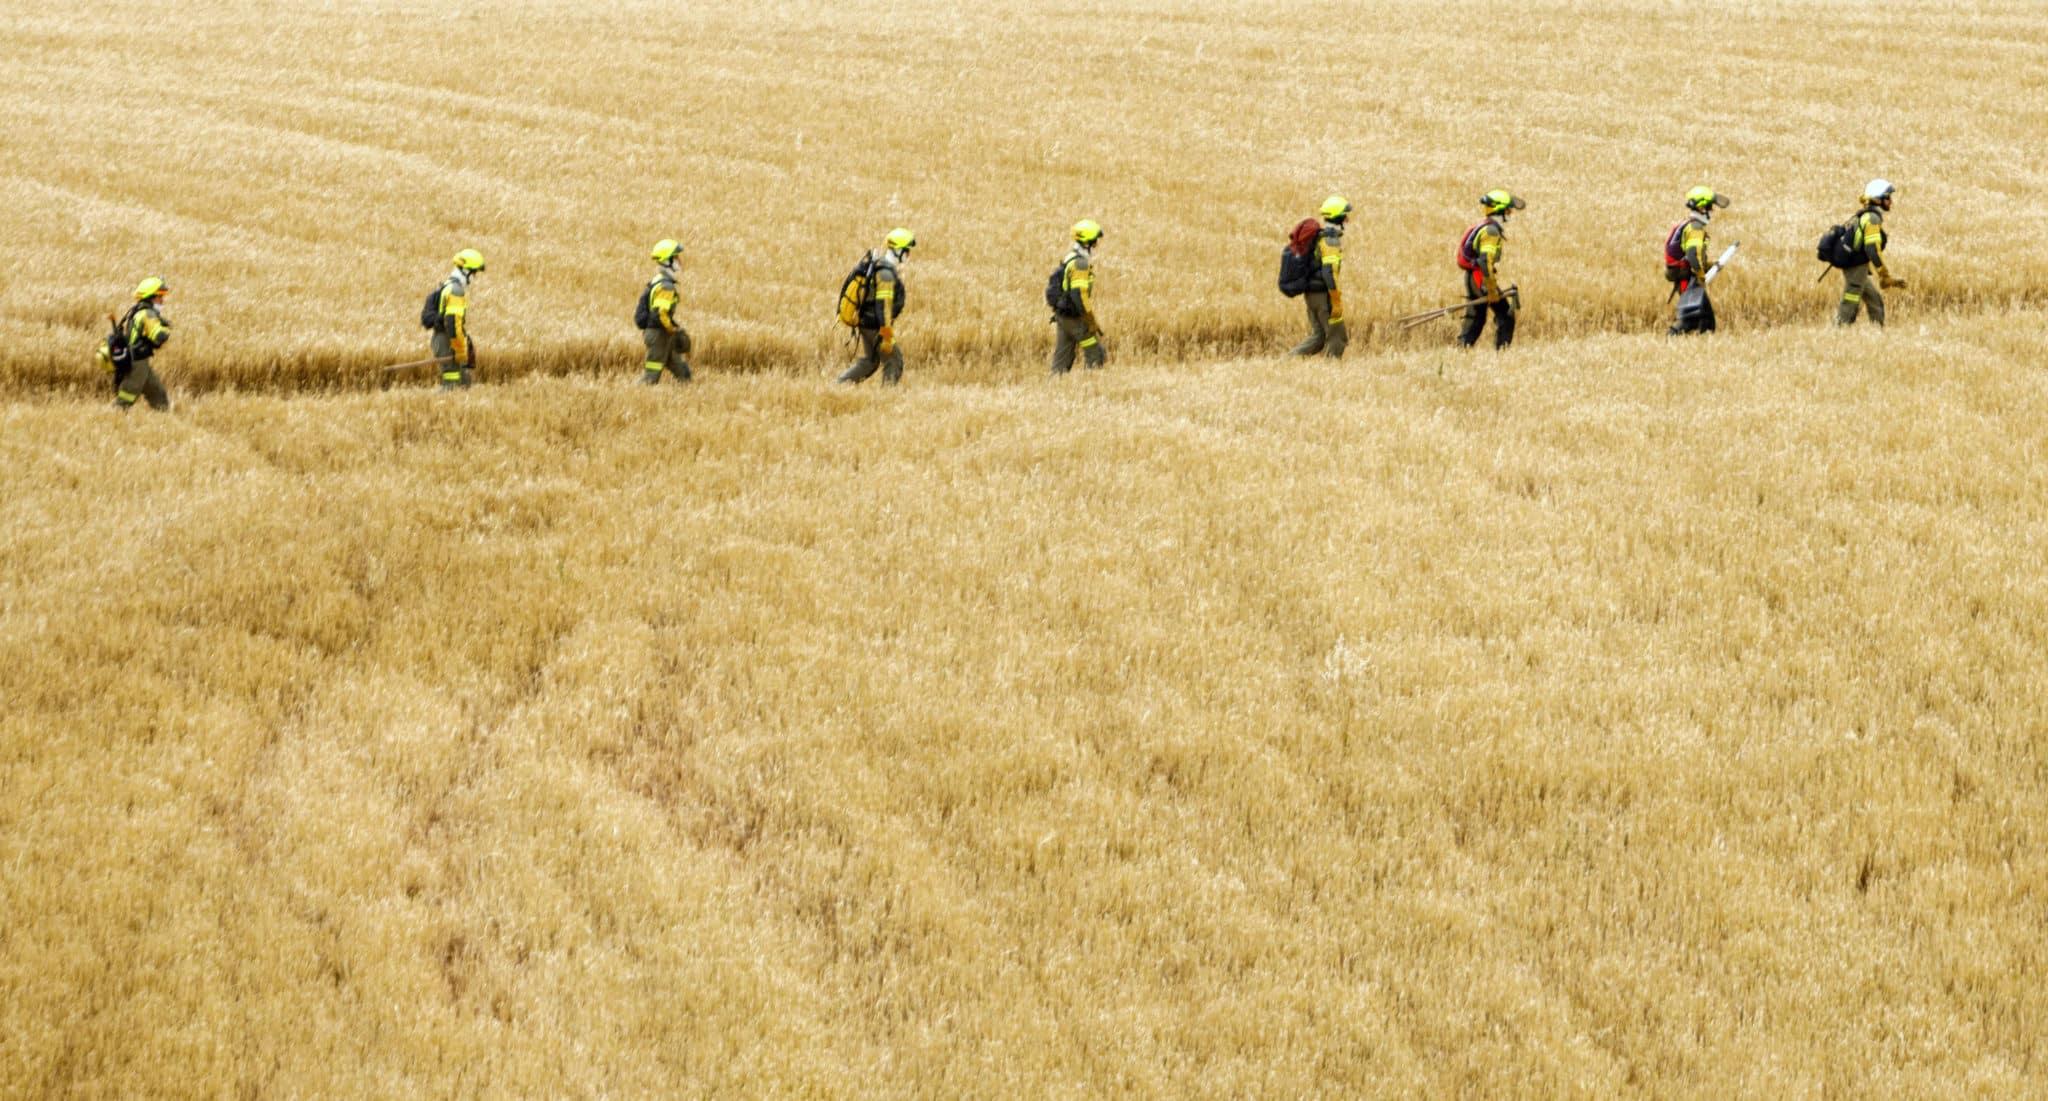 La Rioja contra los incendios forestales: más de 300 profesionales y casi 8,5 millones de presupuesto 4